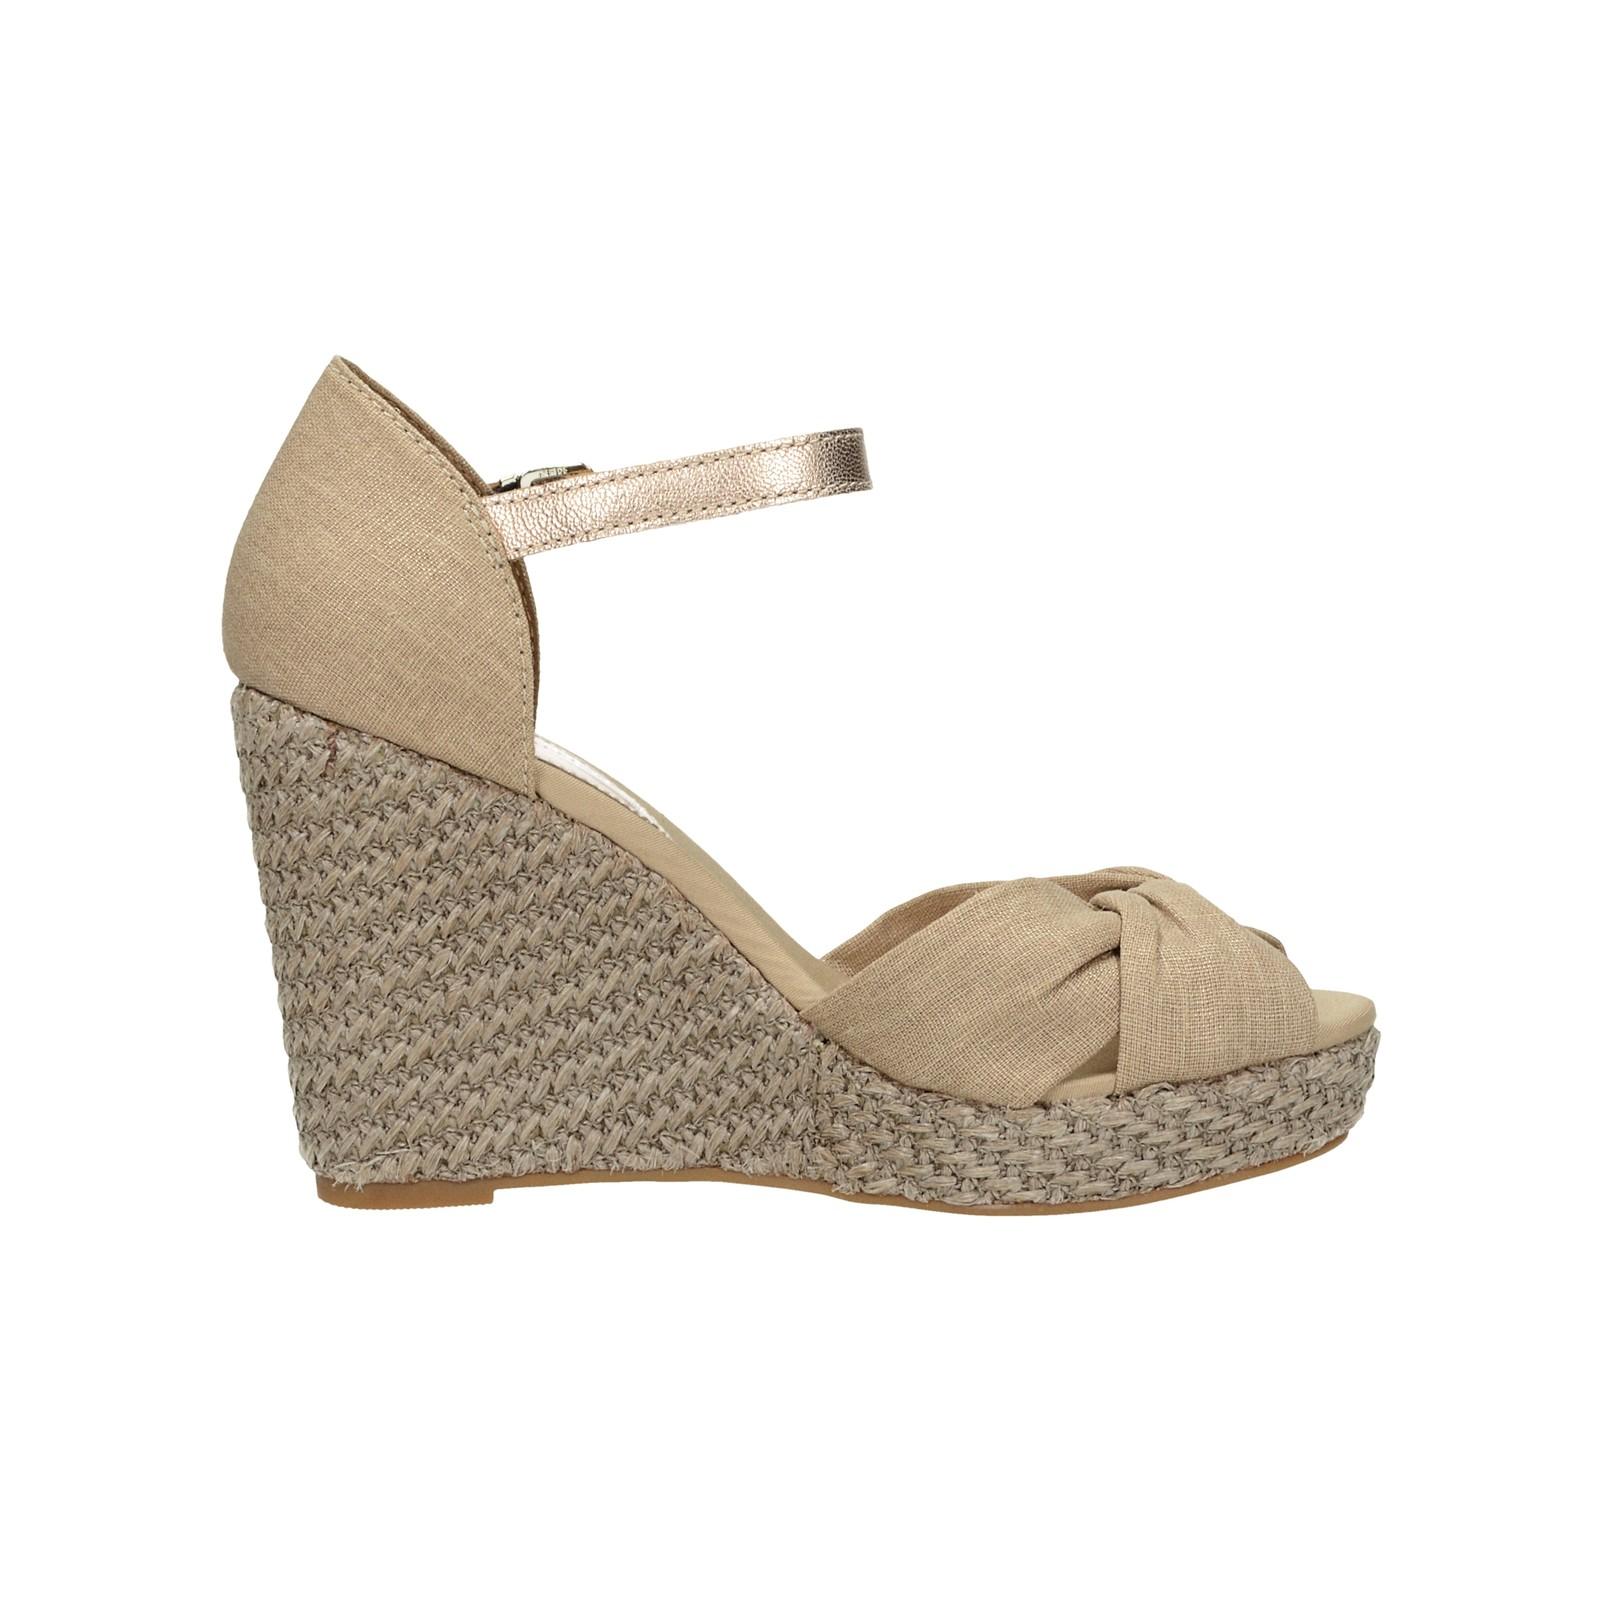 Tommy Hilfiger dámske štýlové sandále - béžové